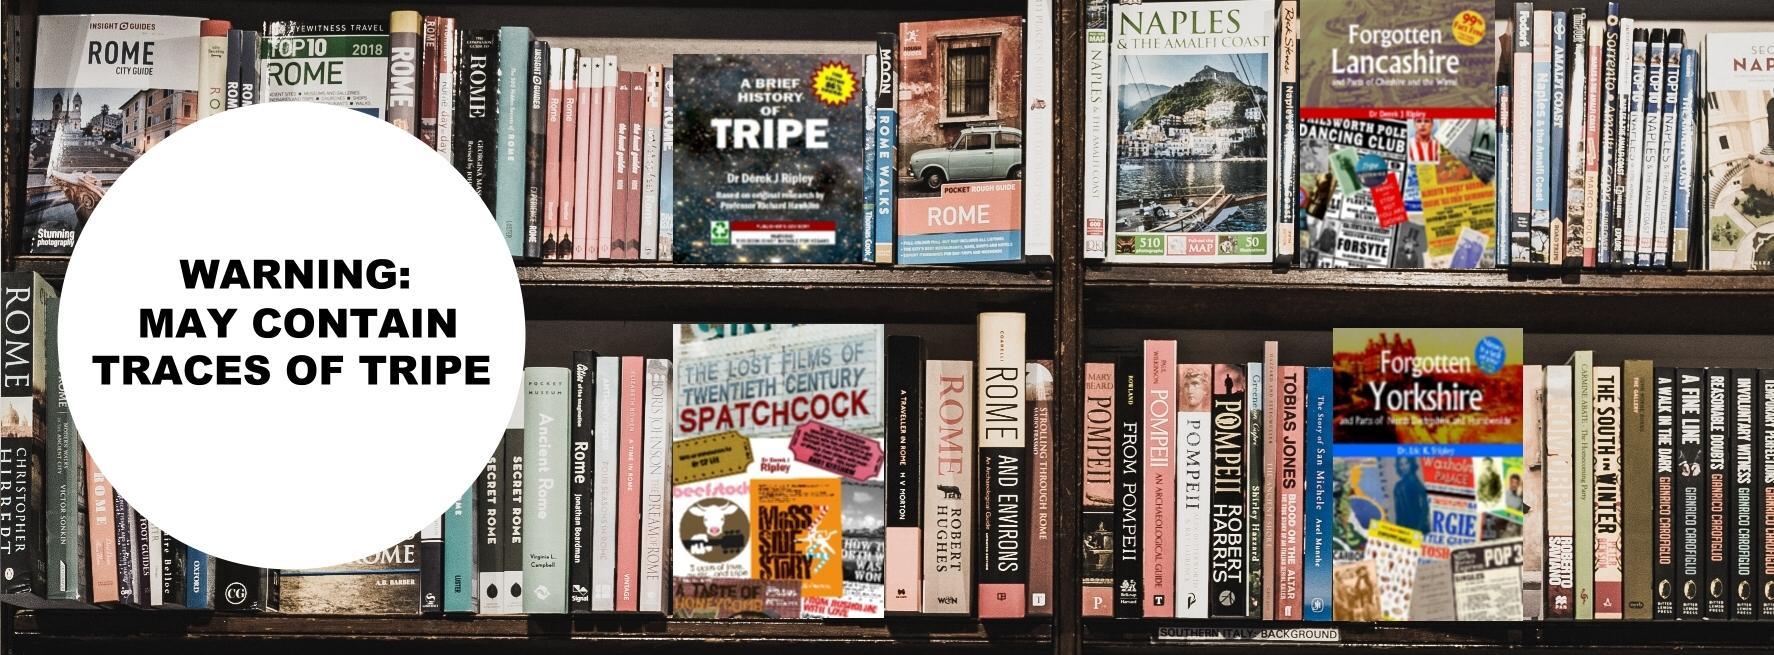 Tripe books